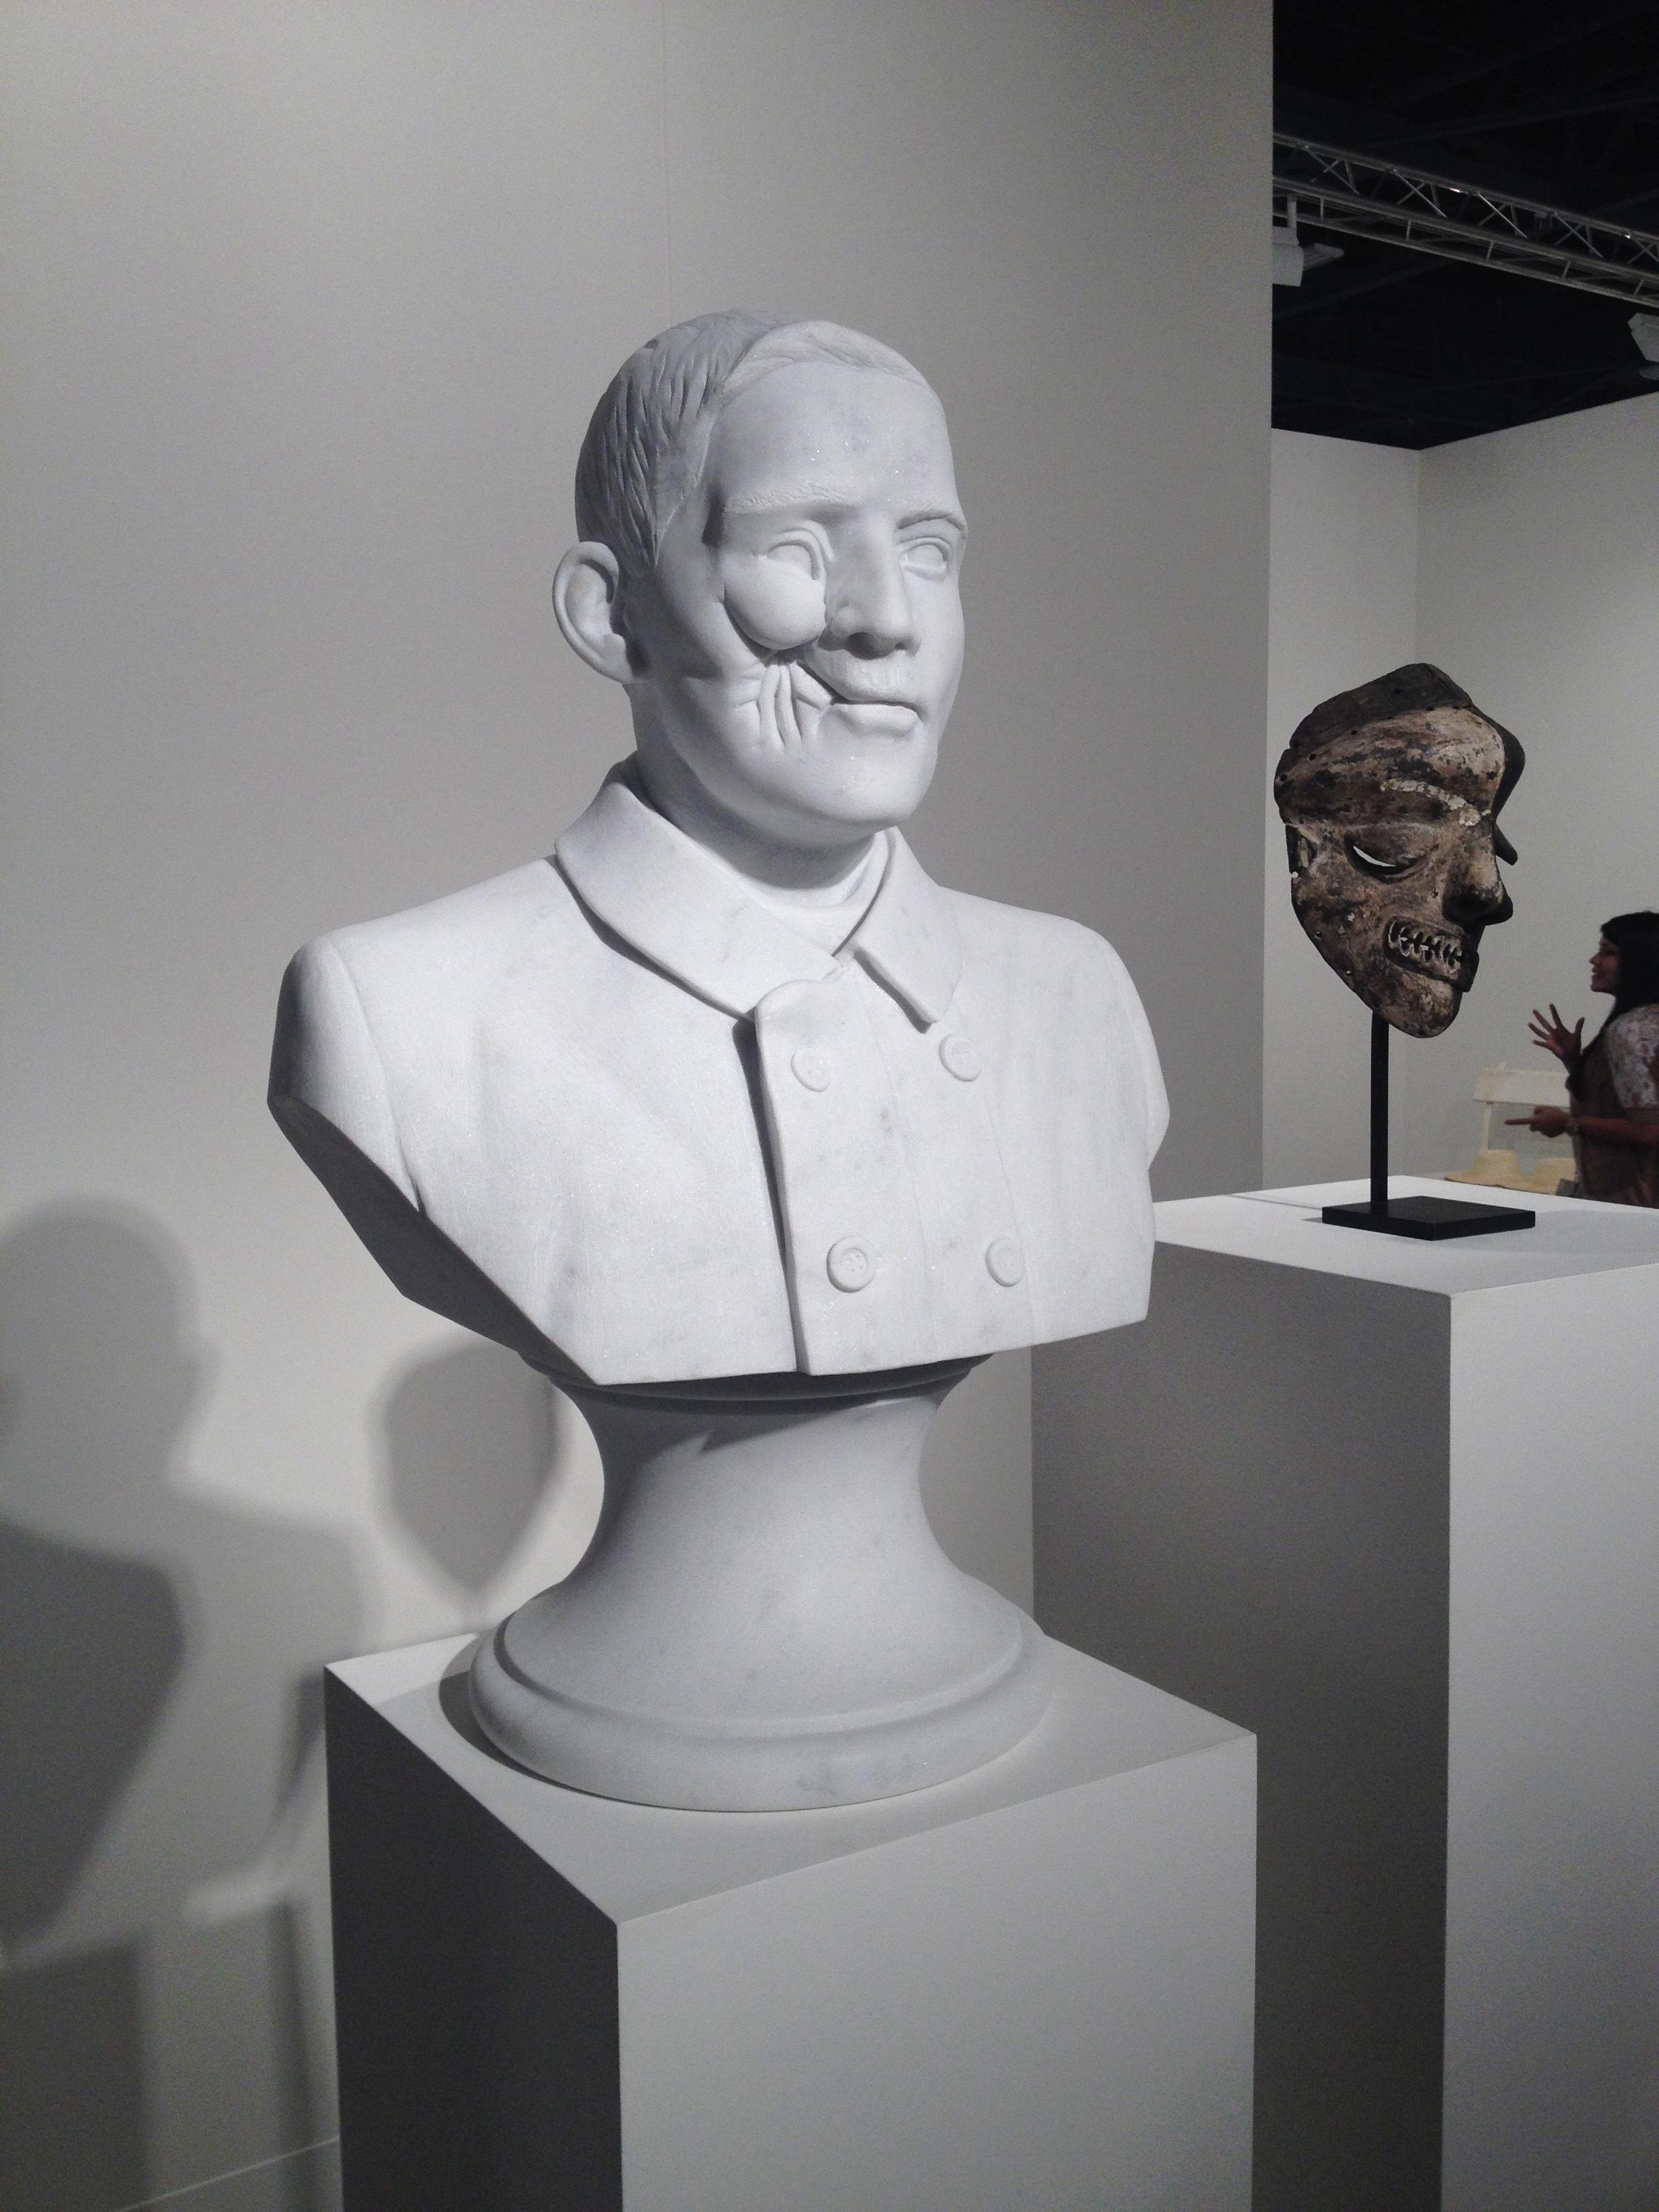 """Kader Attia, """"Soldat Blesse, Masque Malade (Lega)"""" (2013), at Galleria Continua's booth."""